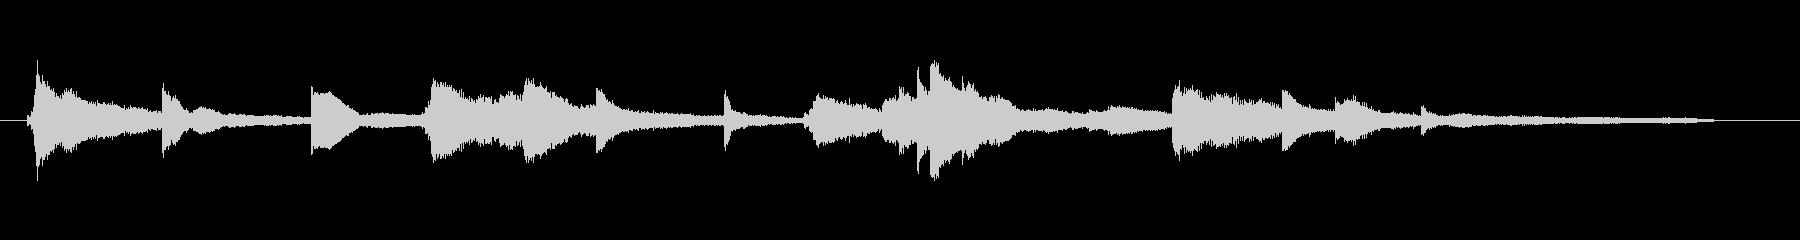 エレピとアコースティックピアノ・デュオの未再生の波形